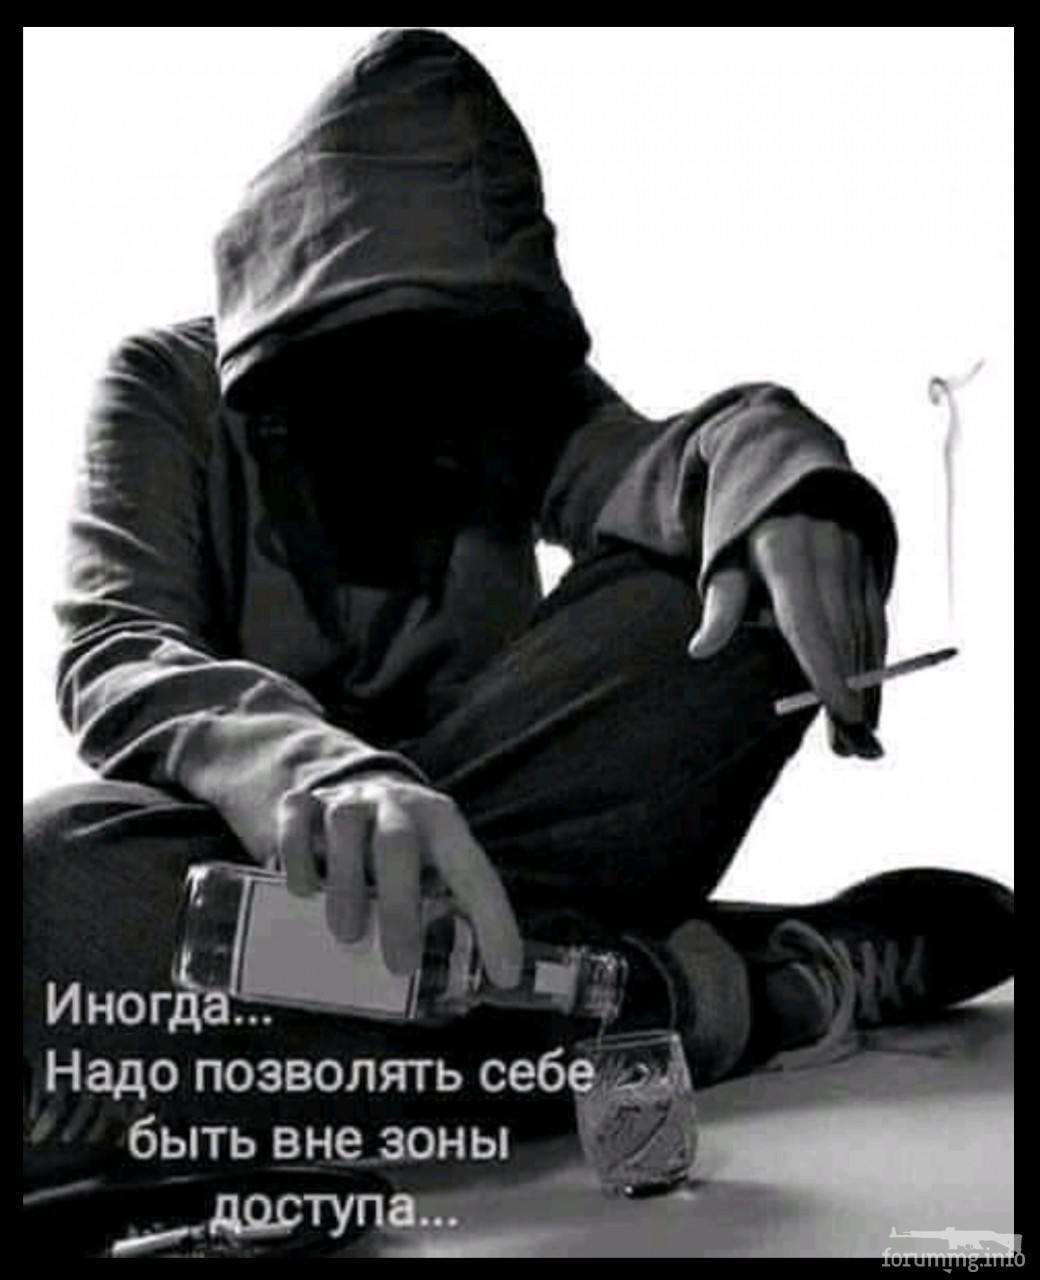 132761 - Пить или не пить? - пятничная алкогольная тема )))